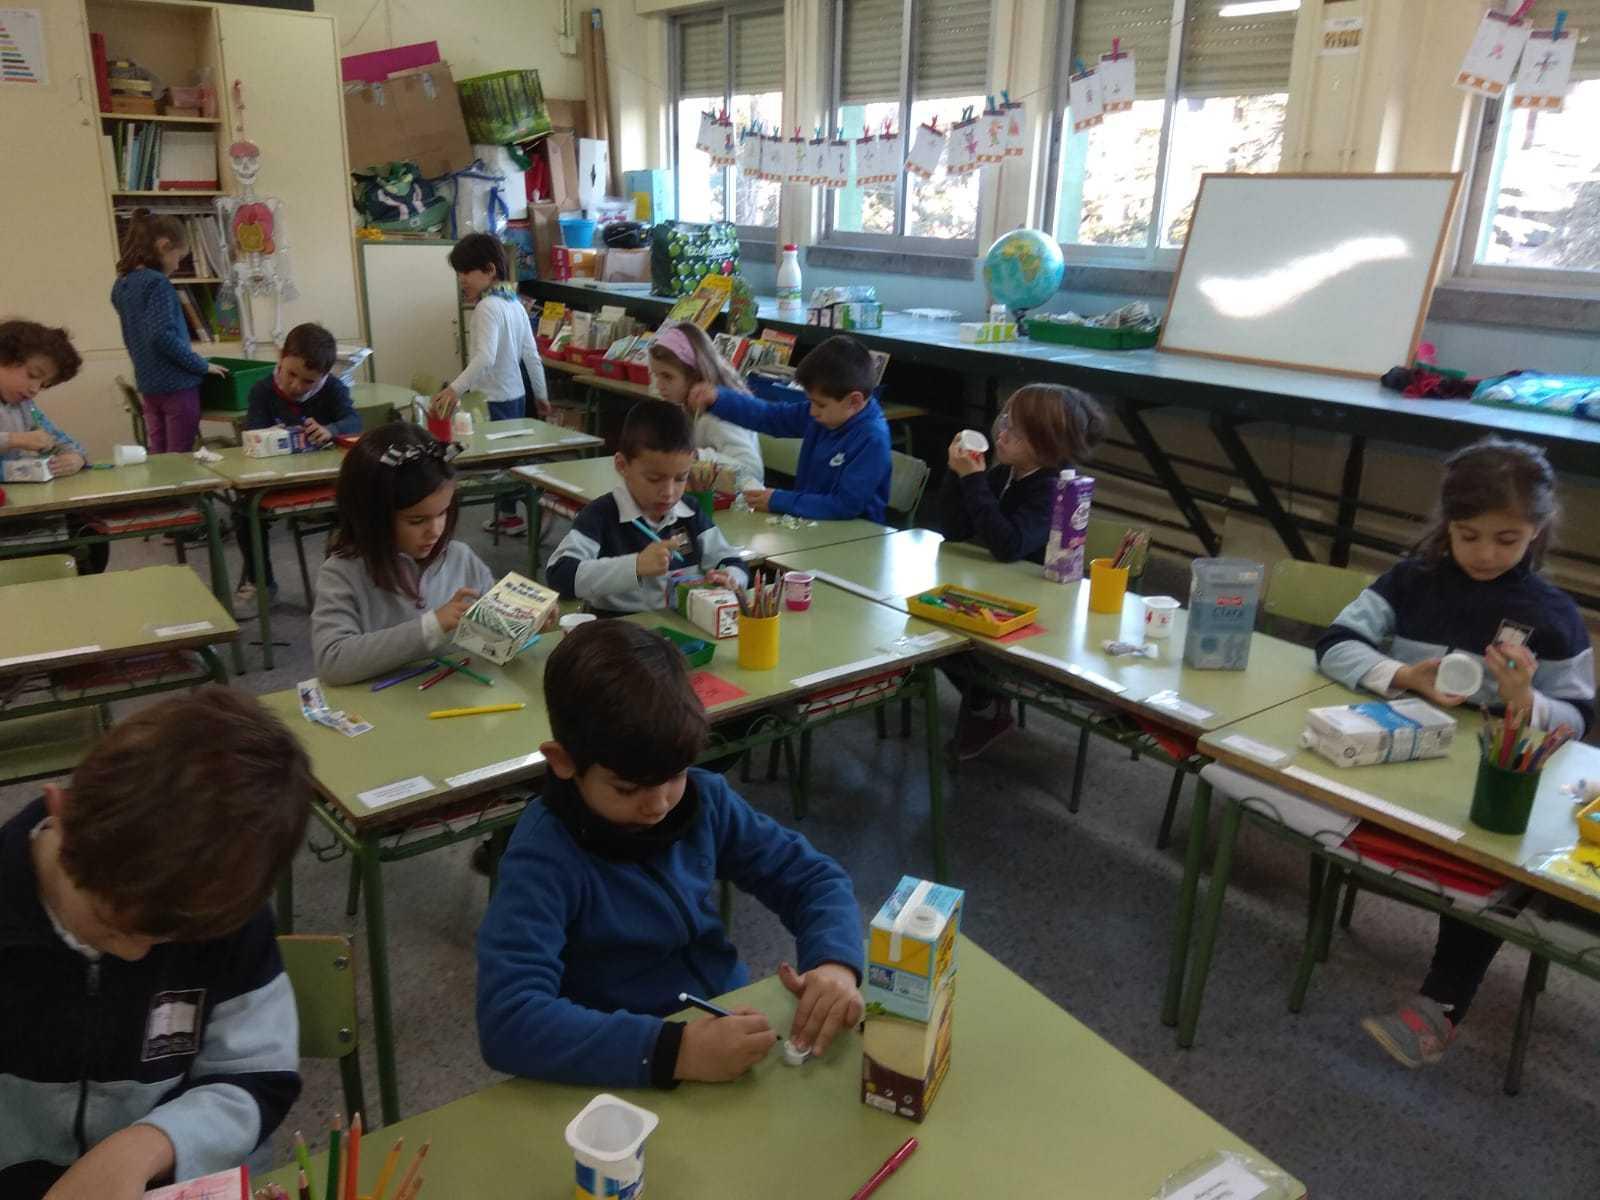 2019_01_Los alumnos de 1ºC construyen sus propios juguetes_CEIP FDLR_Las Rozas 2